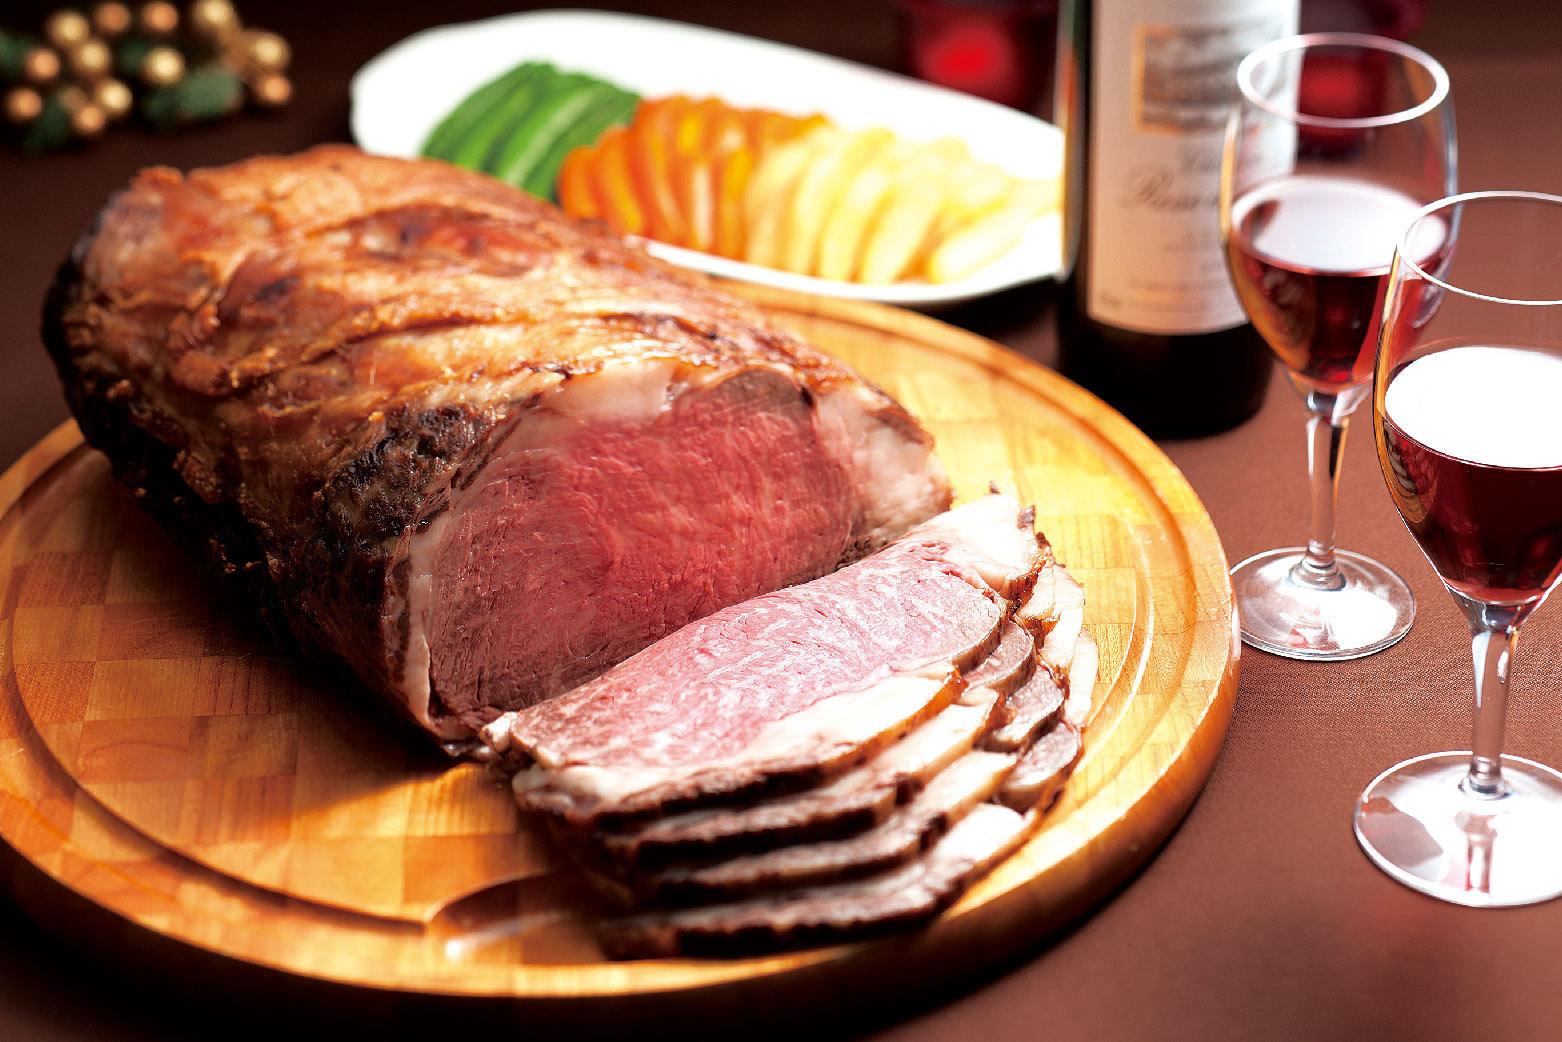 「ローストビーフ」(約5名様分・国産牛12500円、オーストラリア産牛8000円)